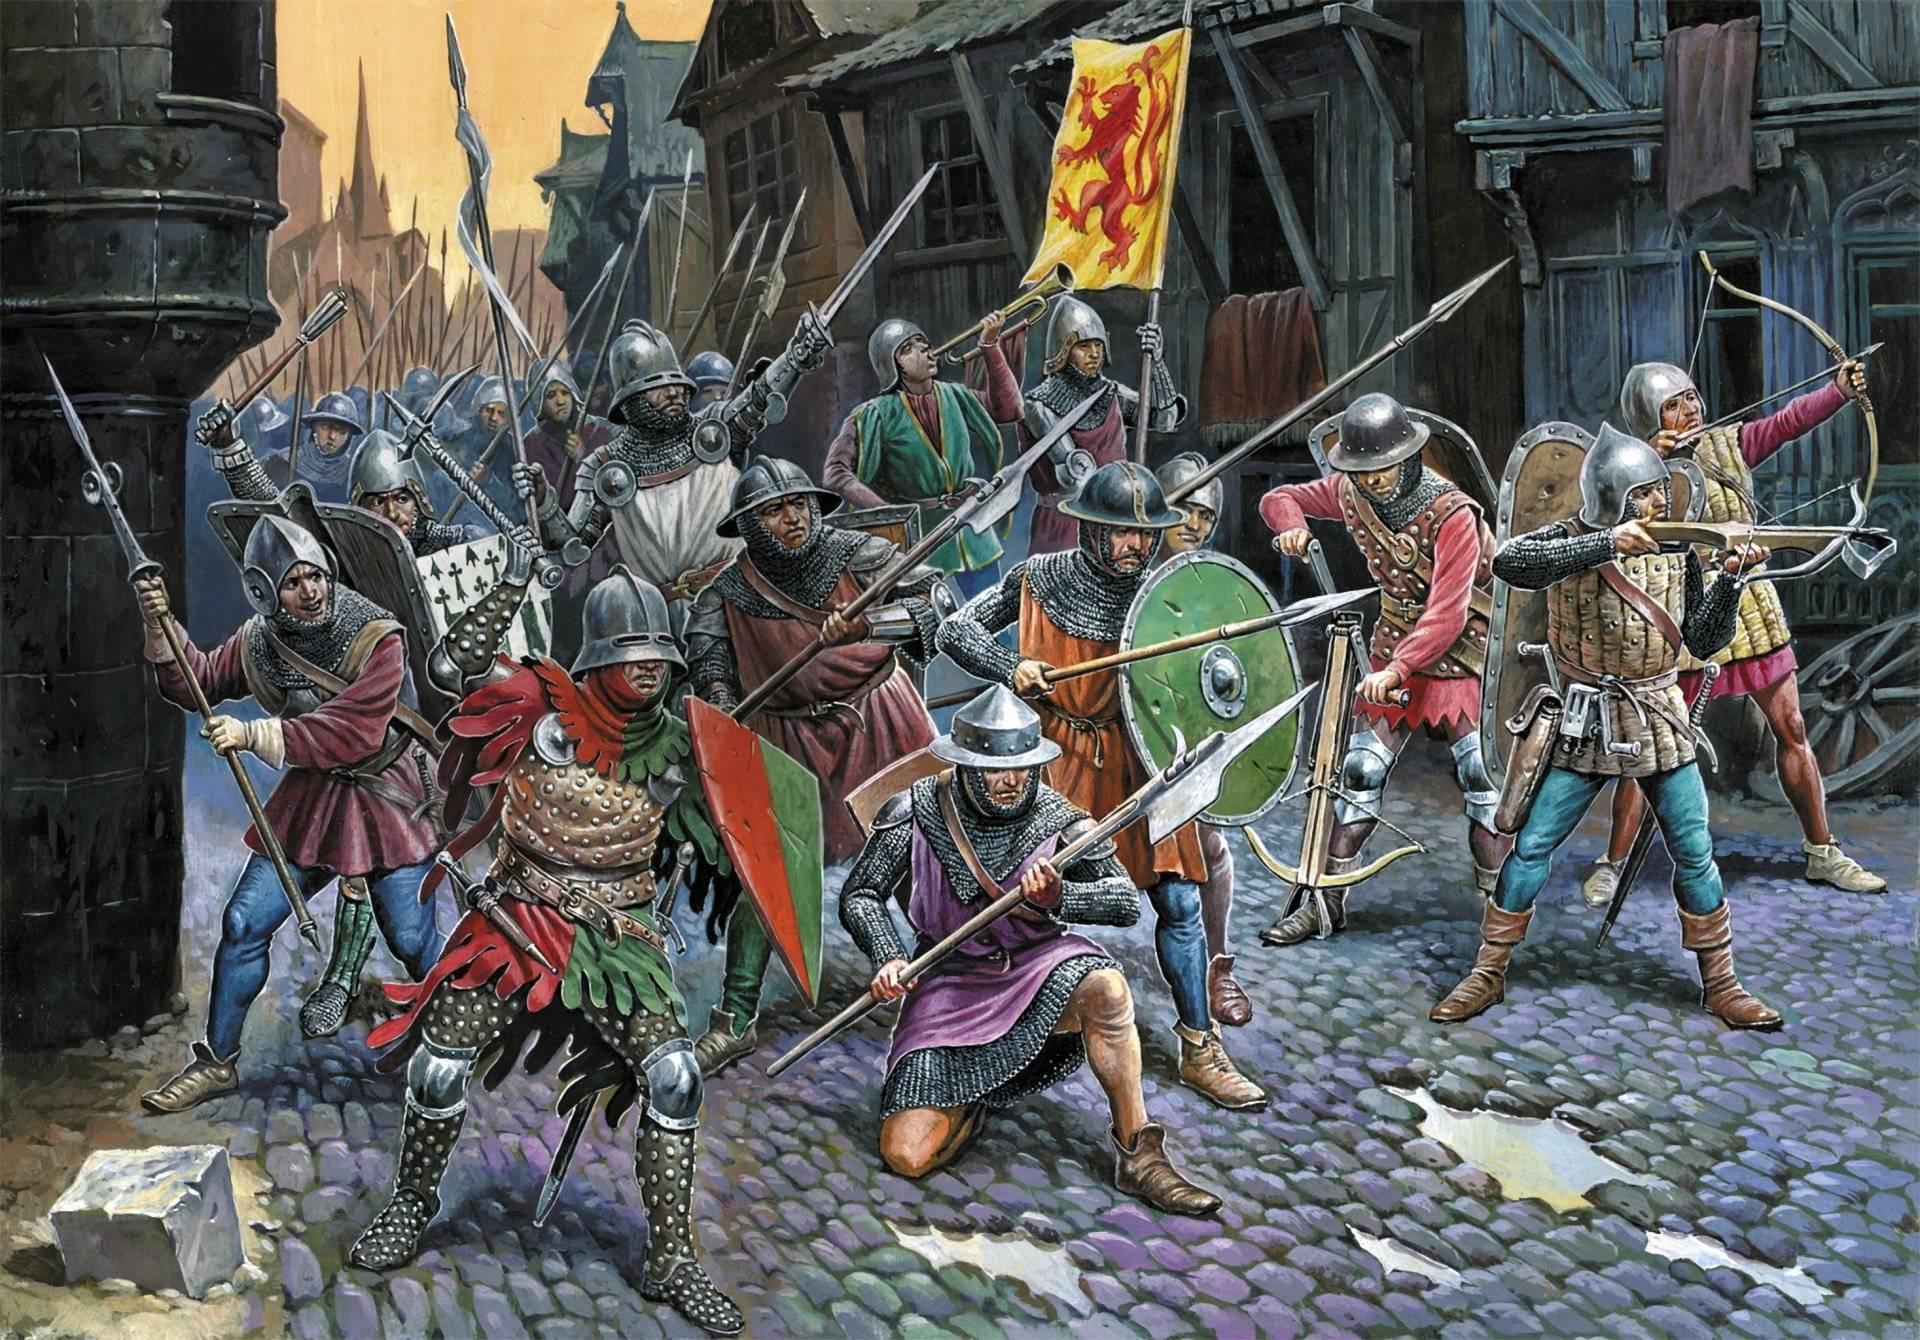 Ятаган — коварный клинок на службе янычар